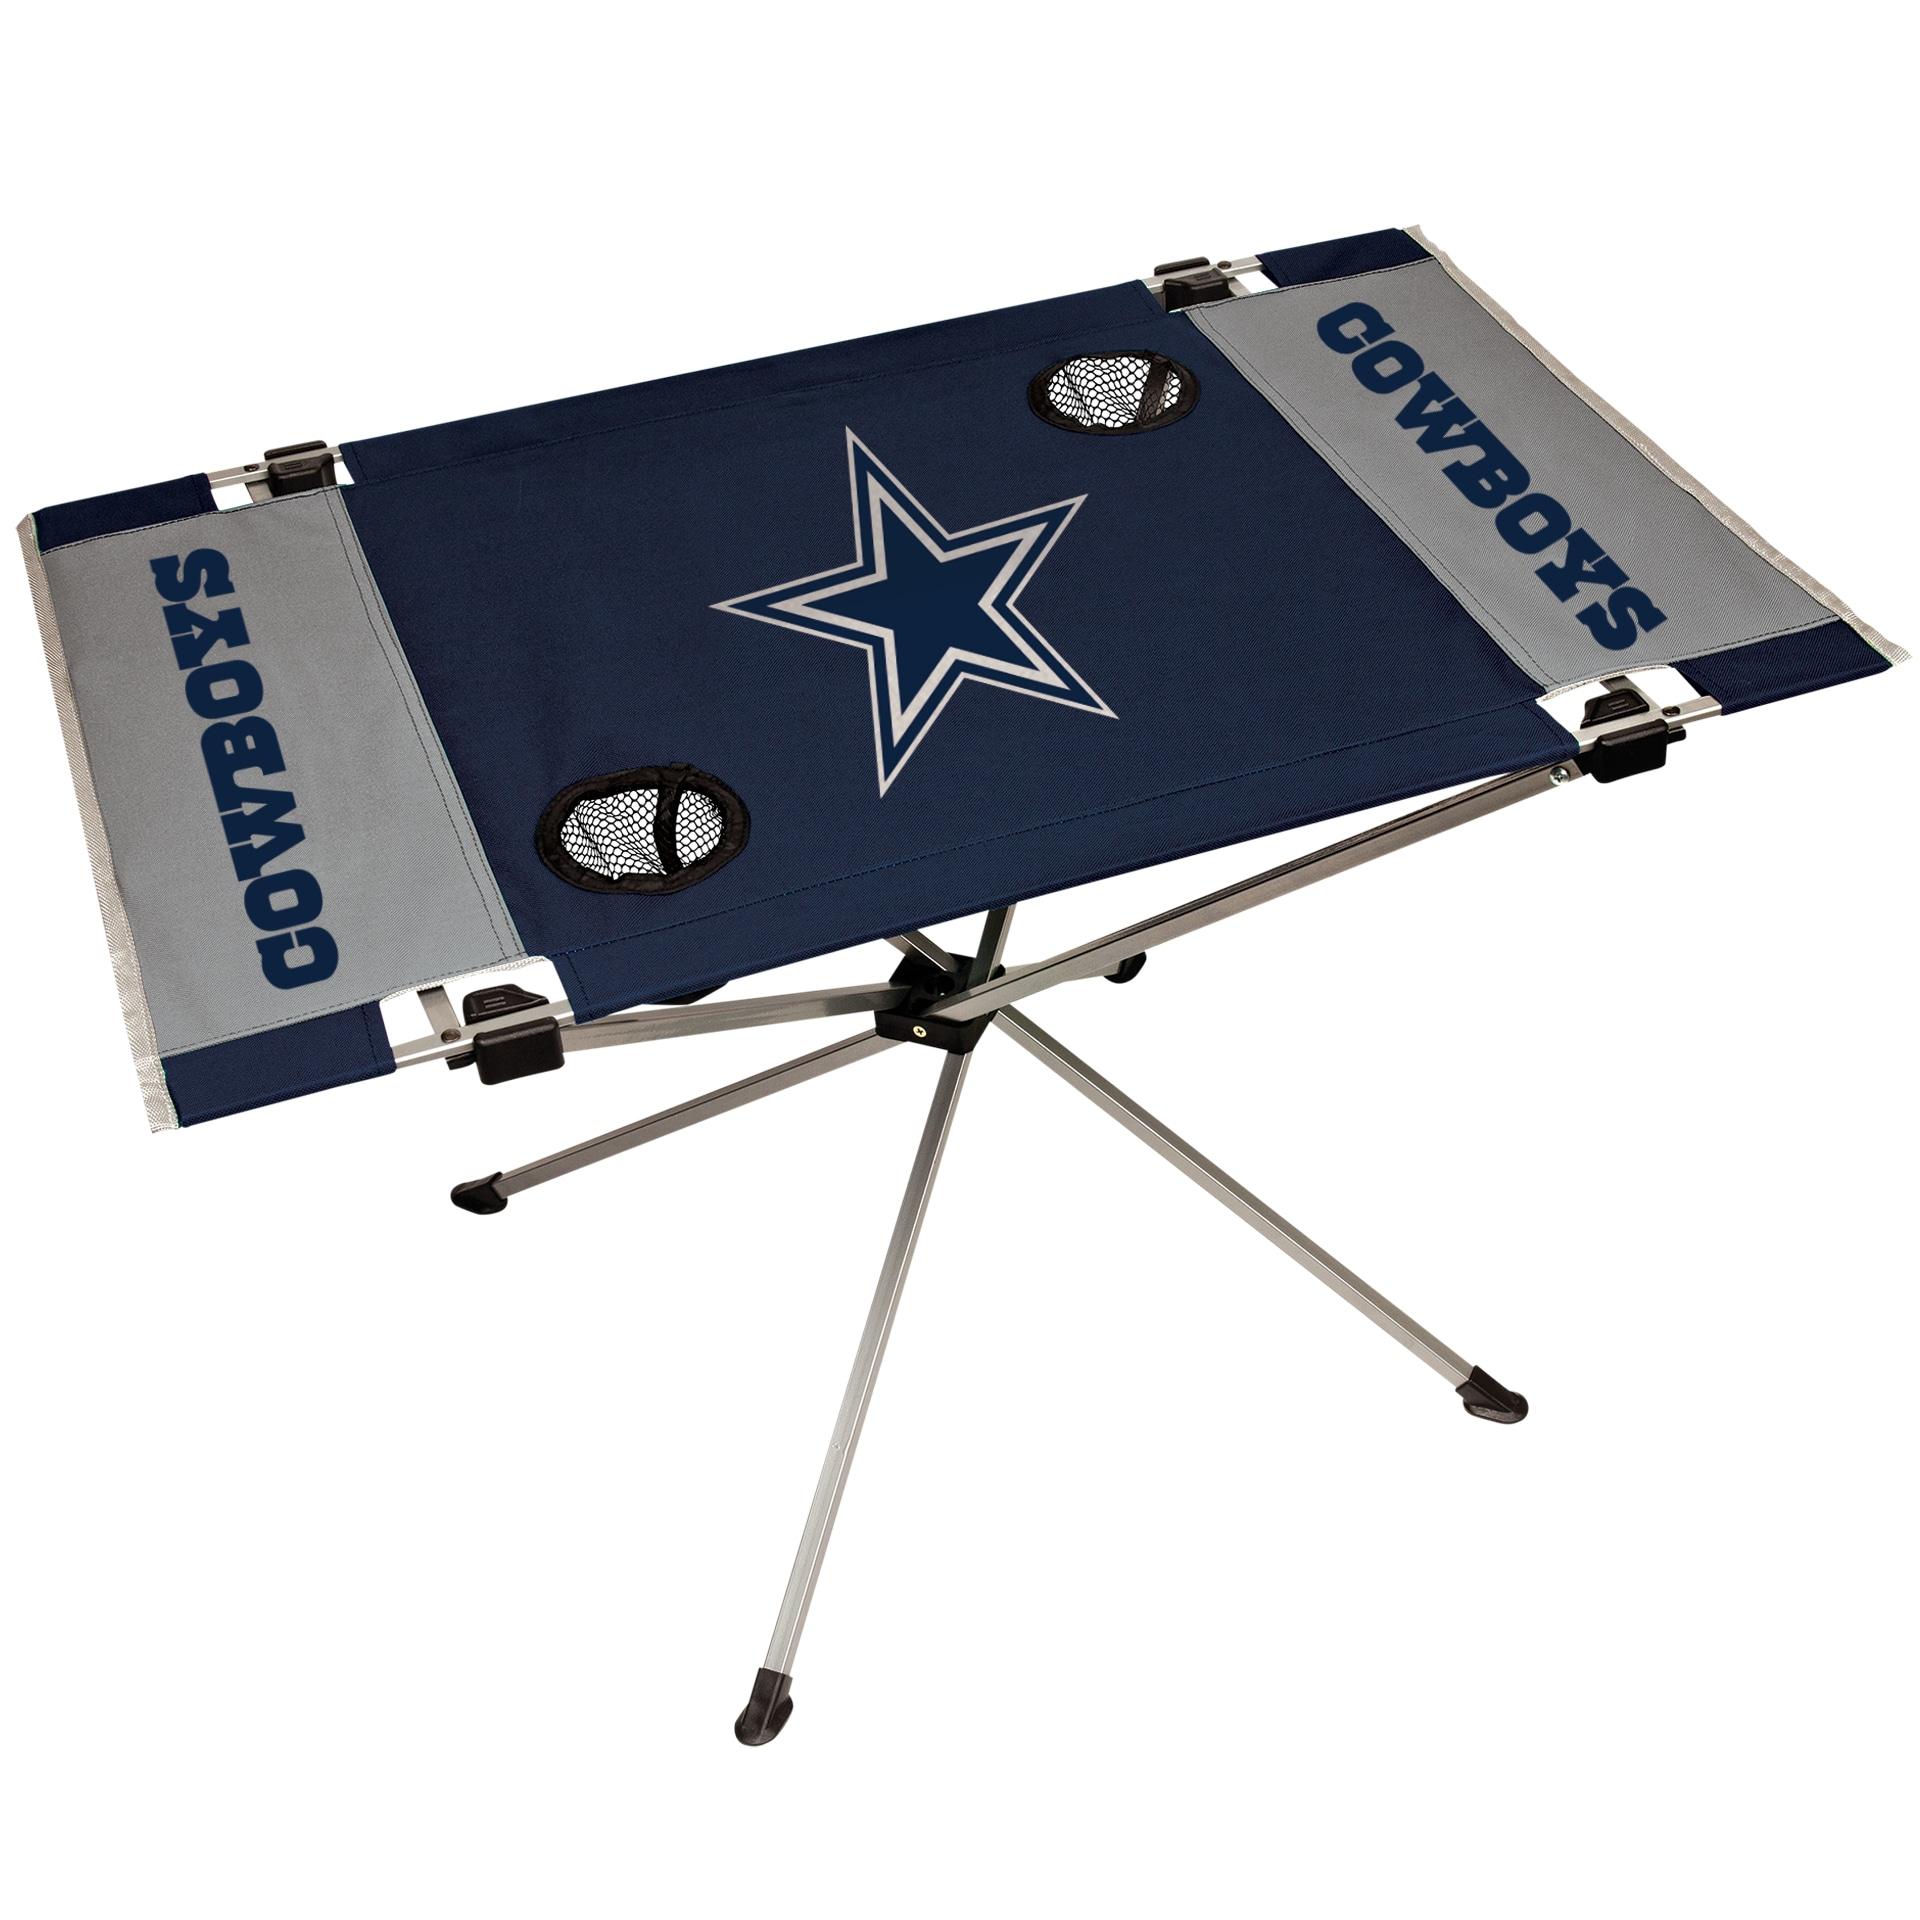 Dallas Cowboys End Zone Table